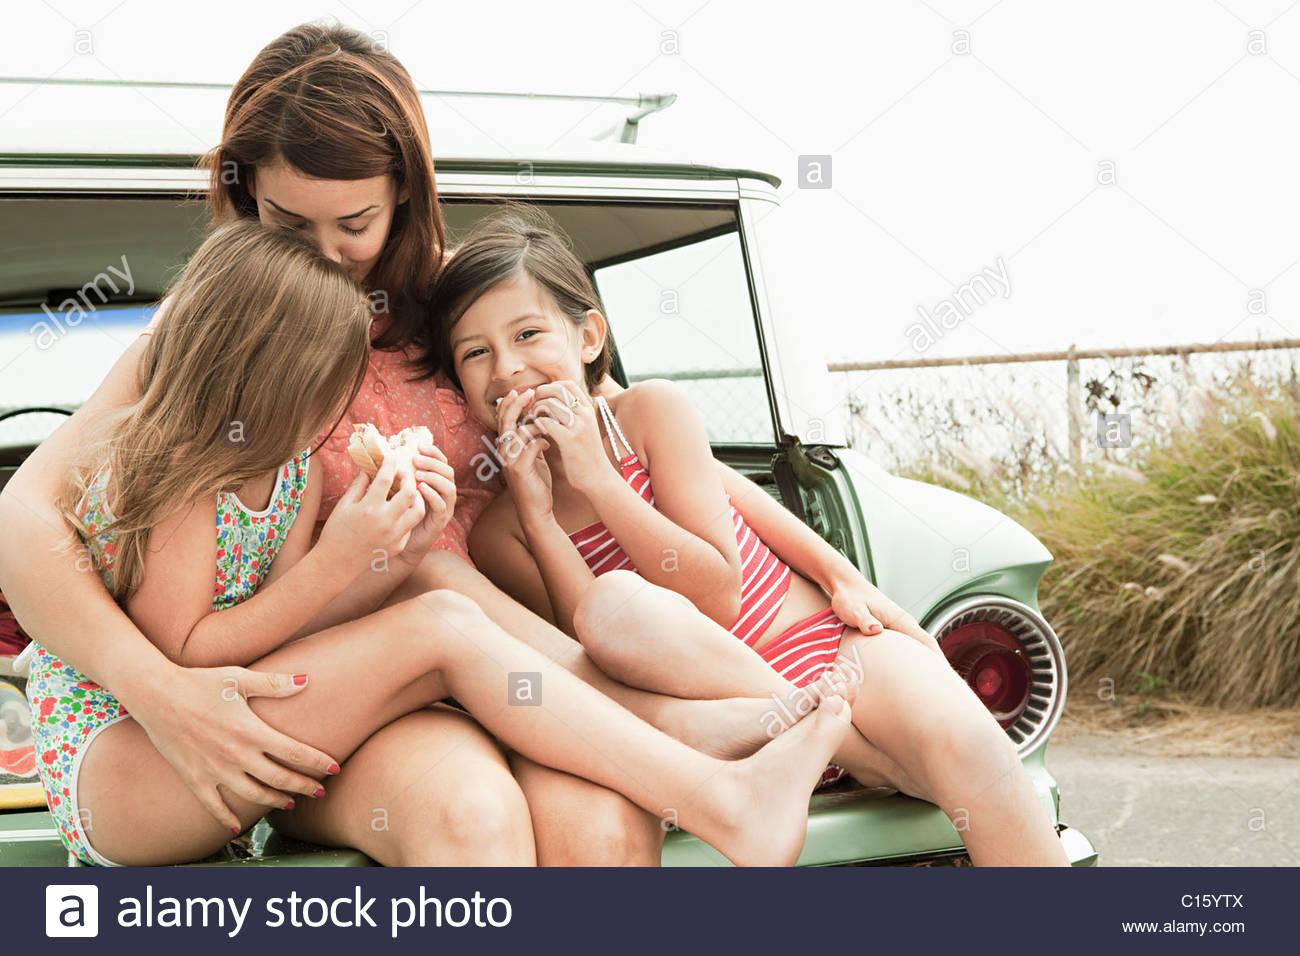 Madre y sus hijas comiendo sándwiches en el maletero del coche Imagen De Stock